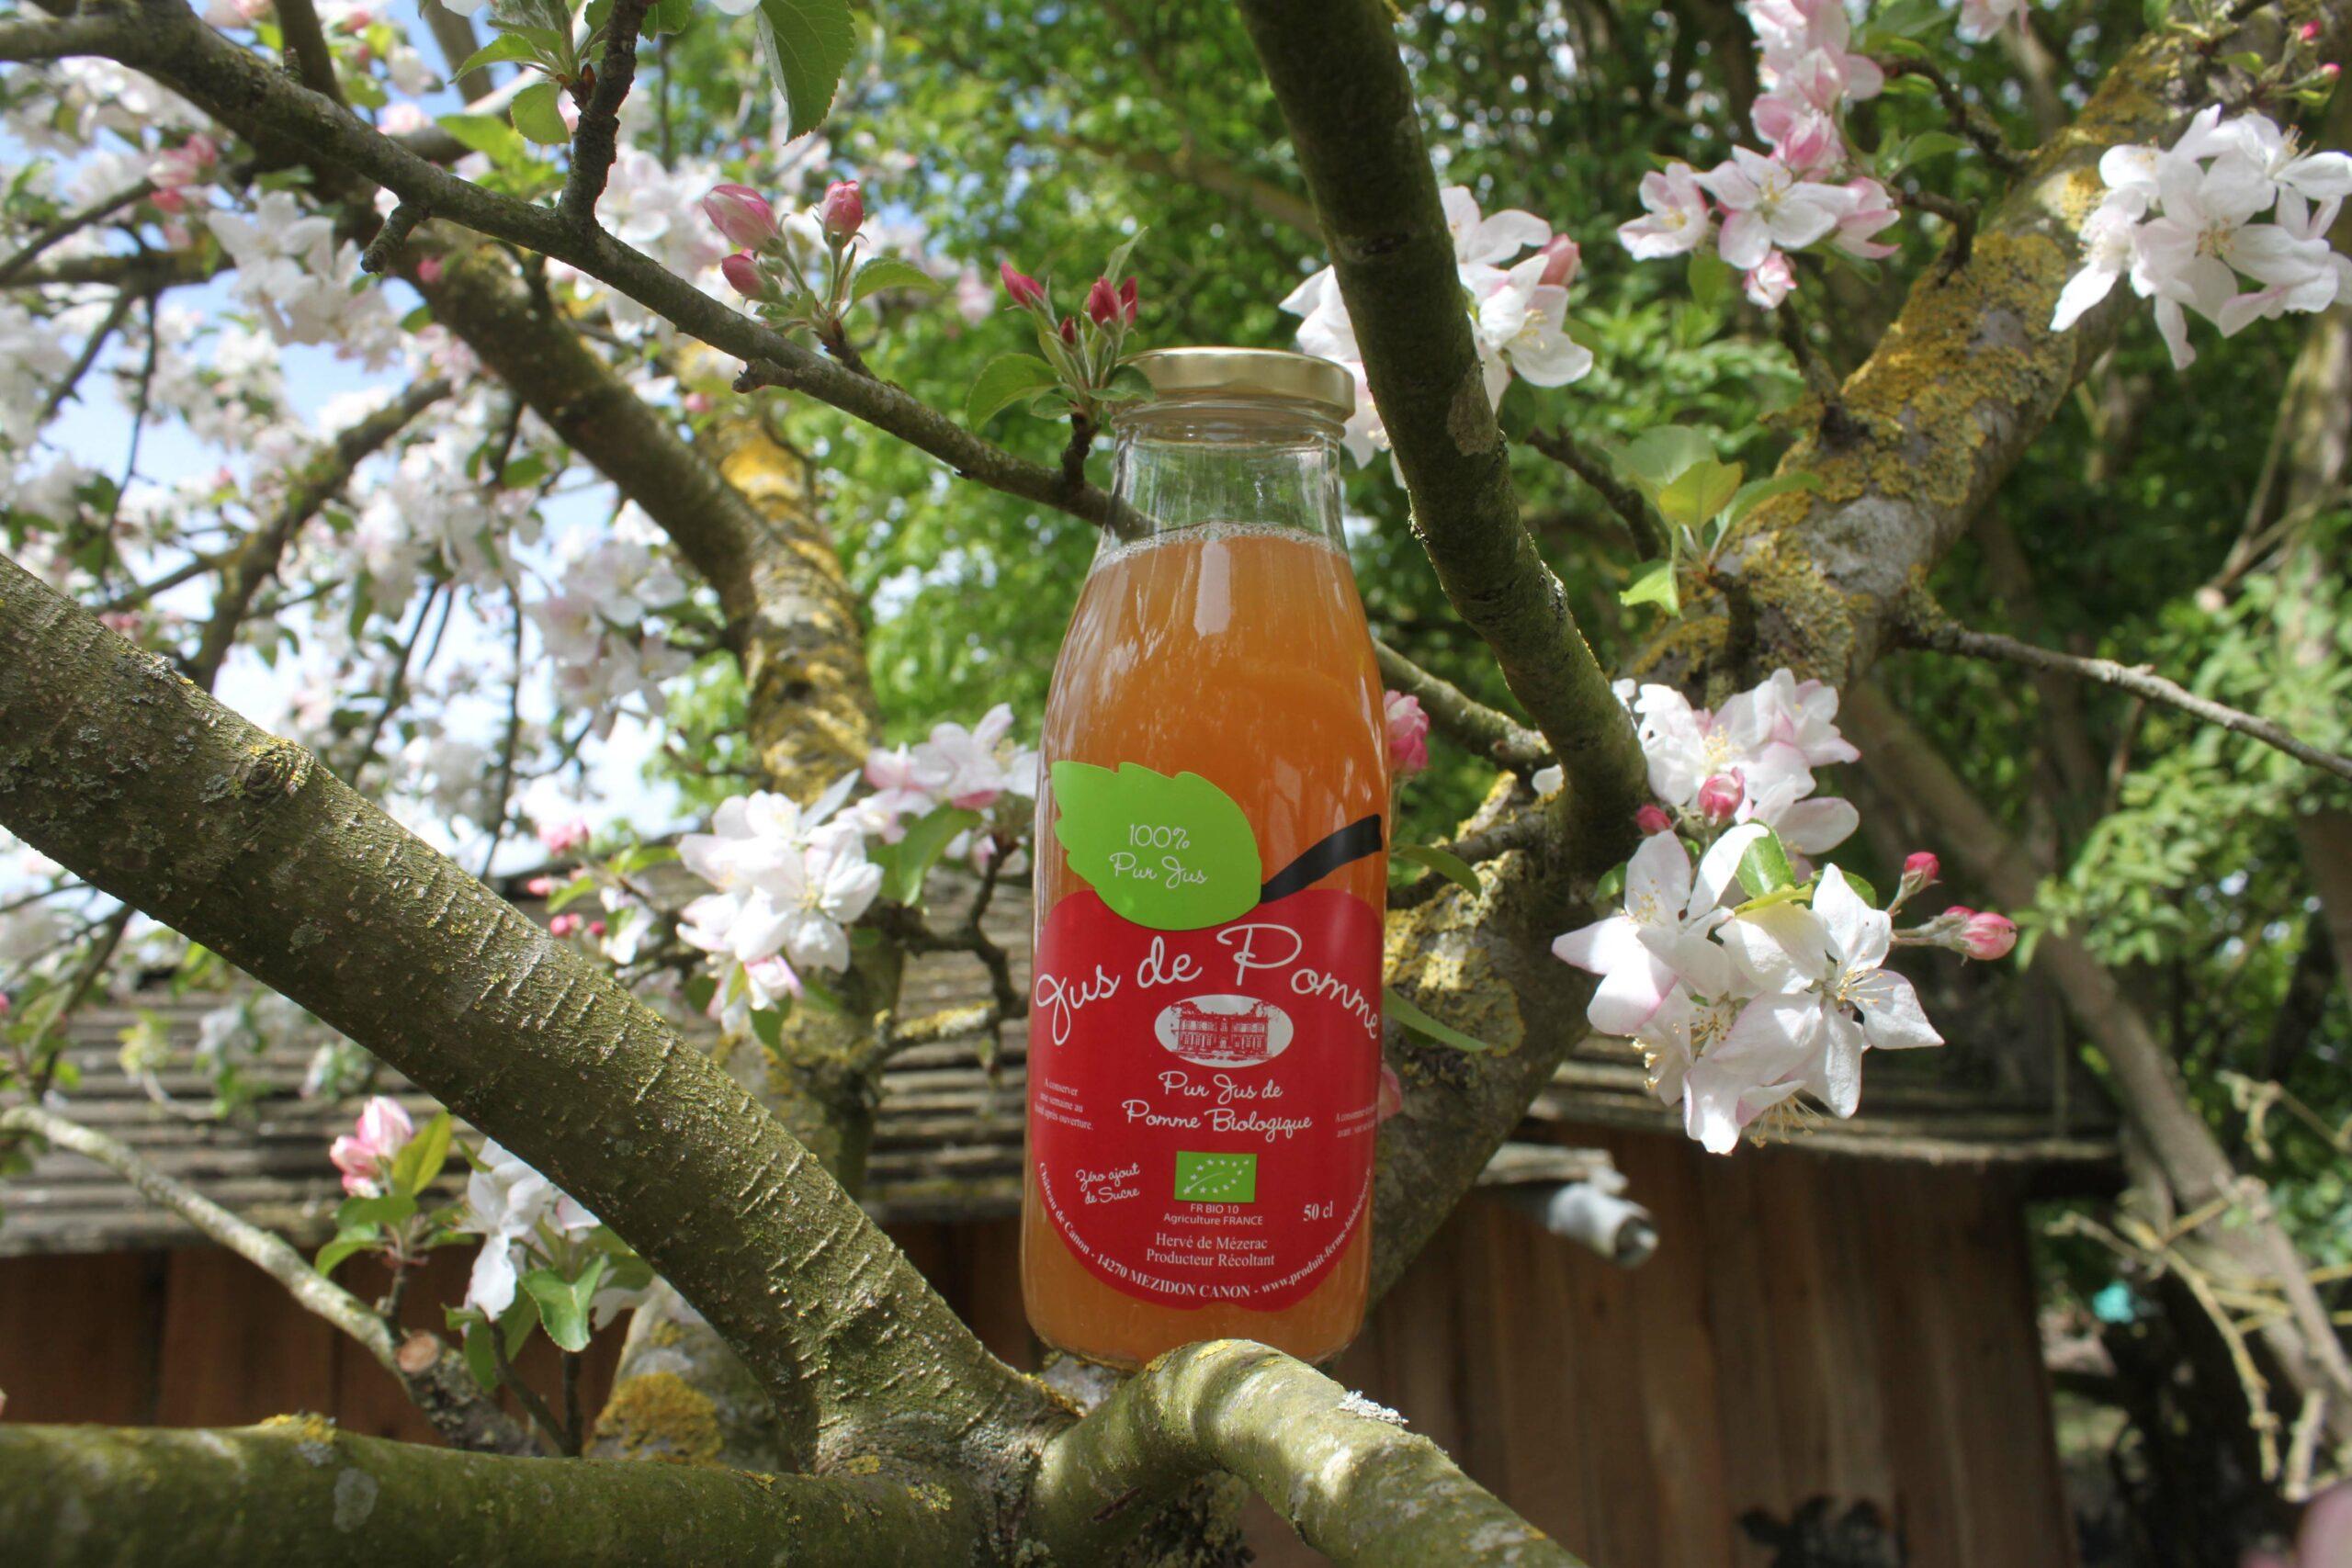 us de pommes bio 100% pur jus en direct producteur depuis la ferme du Domaine de Ouézy en Normandie